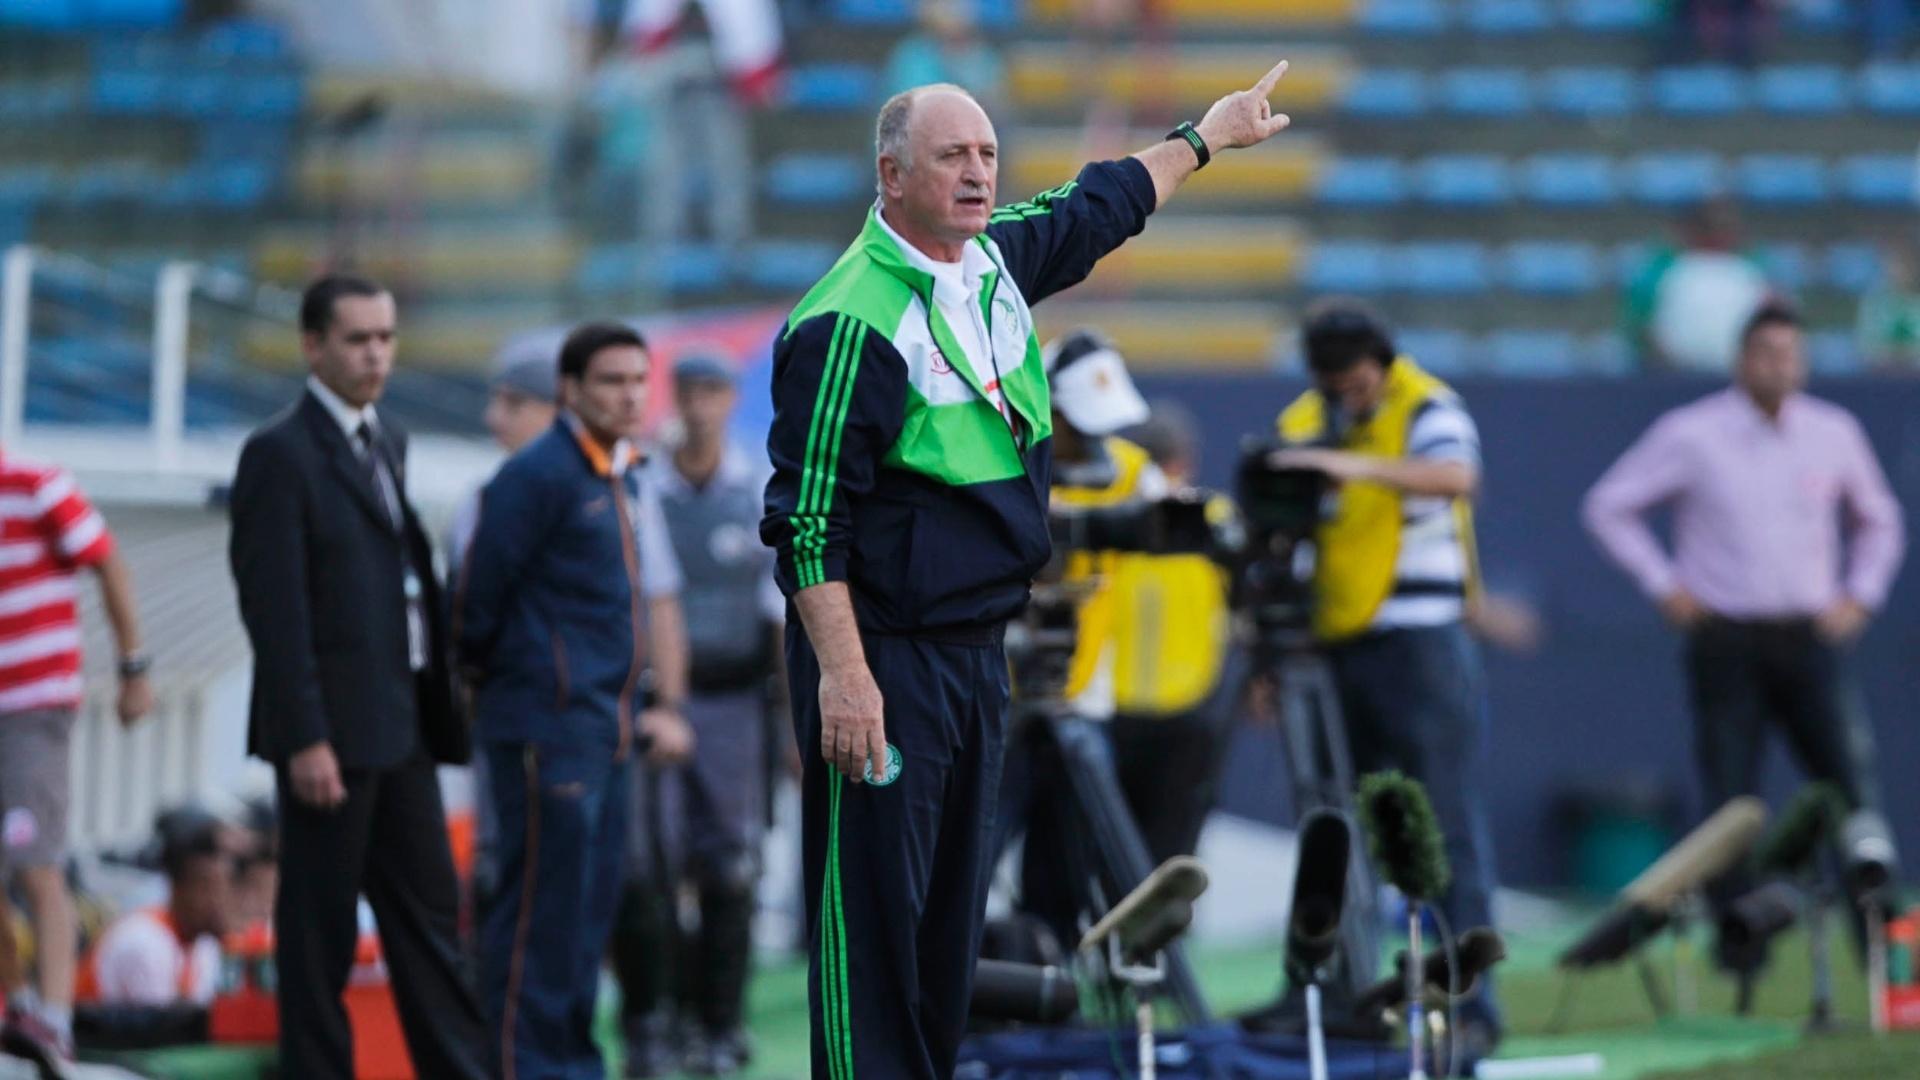 Técnico palmeirense Luiz Felipe Scolari comanda sua equipe na partida contra o Náutico, na Arena Barueri